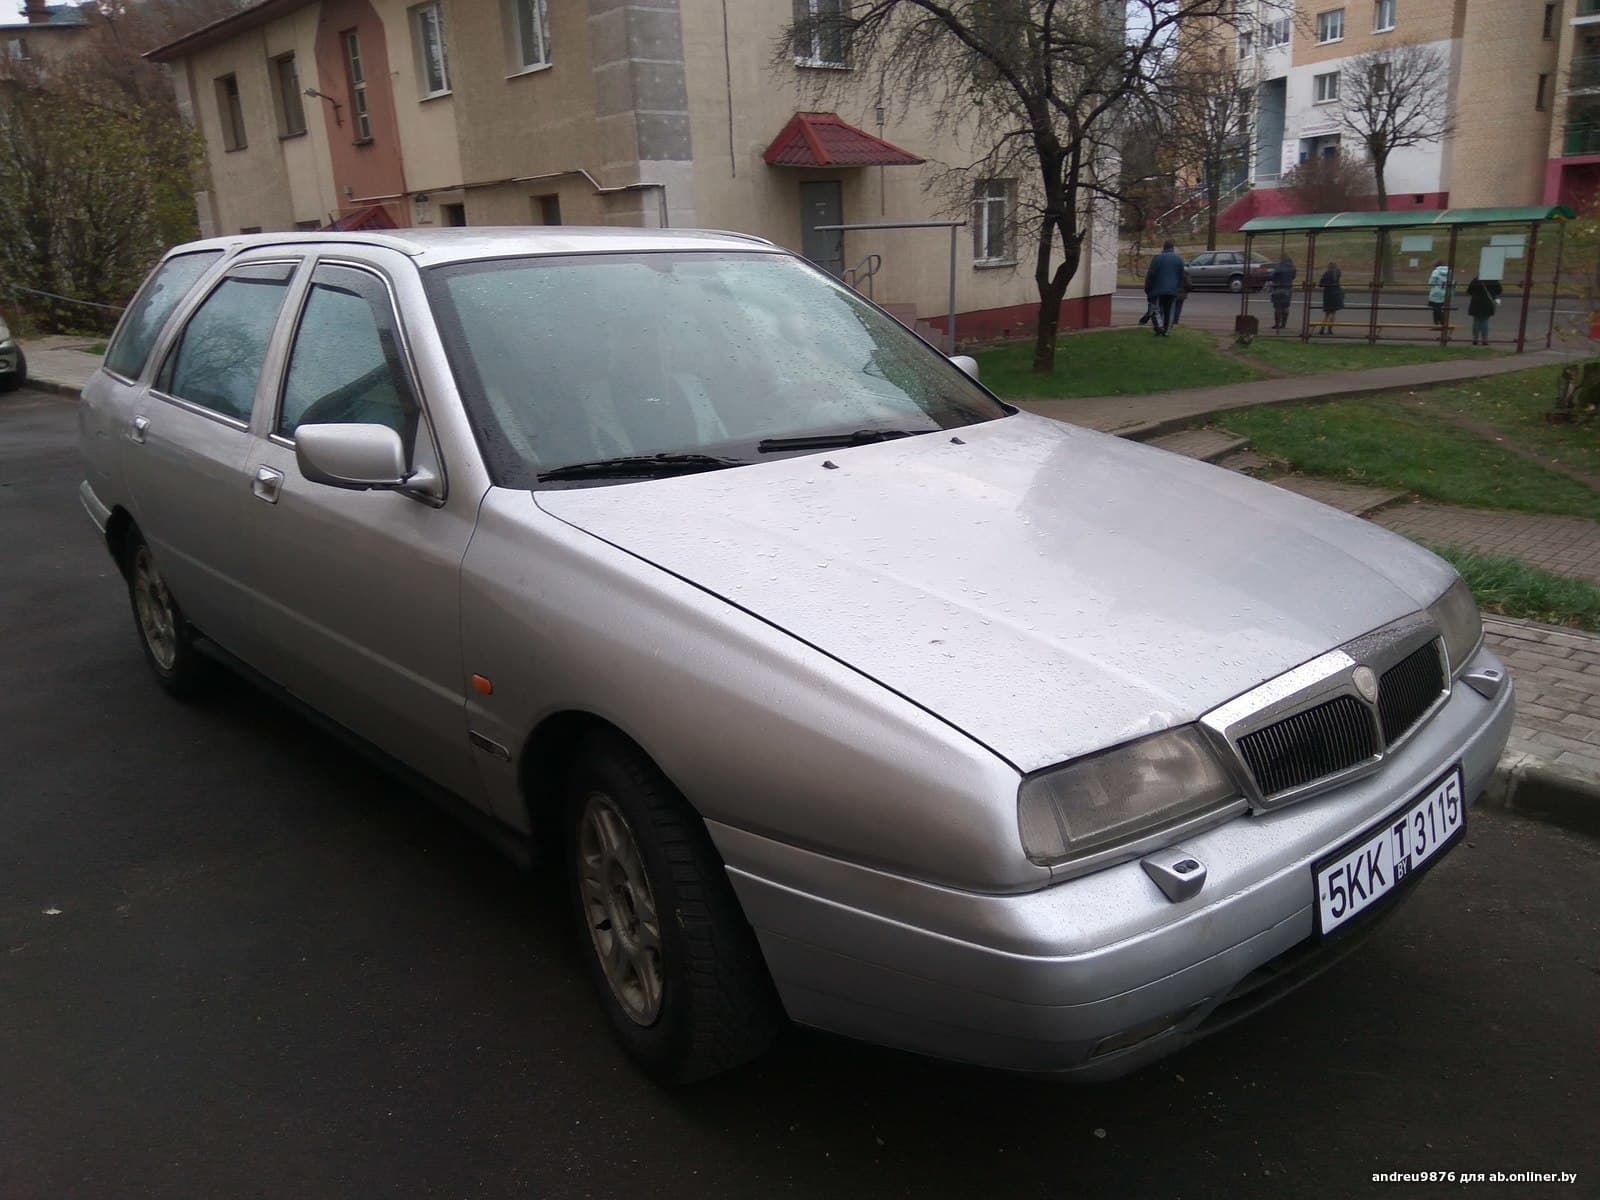 Lancia Kappa JTD